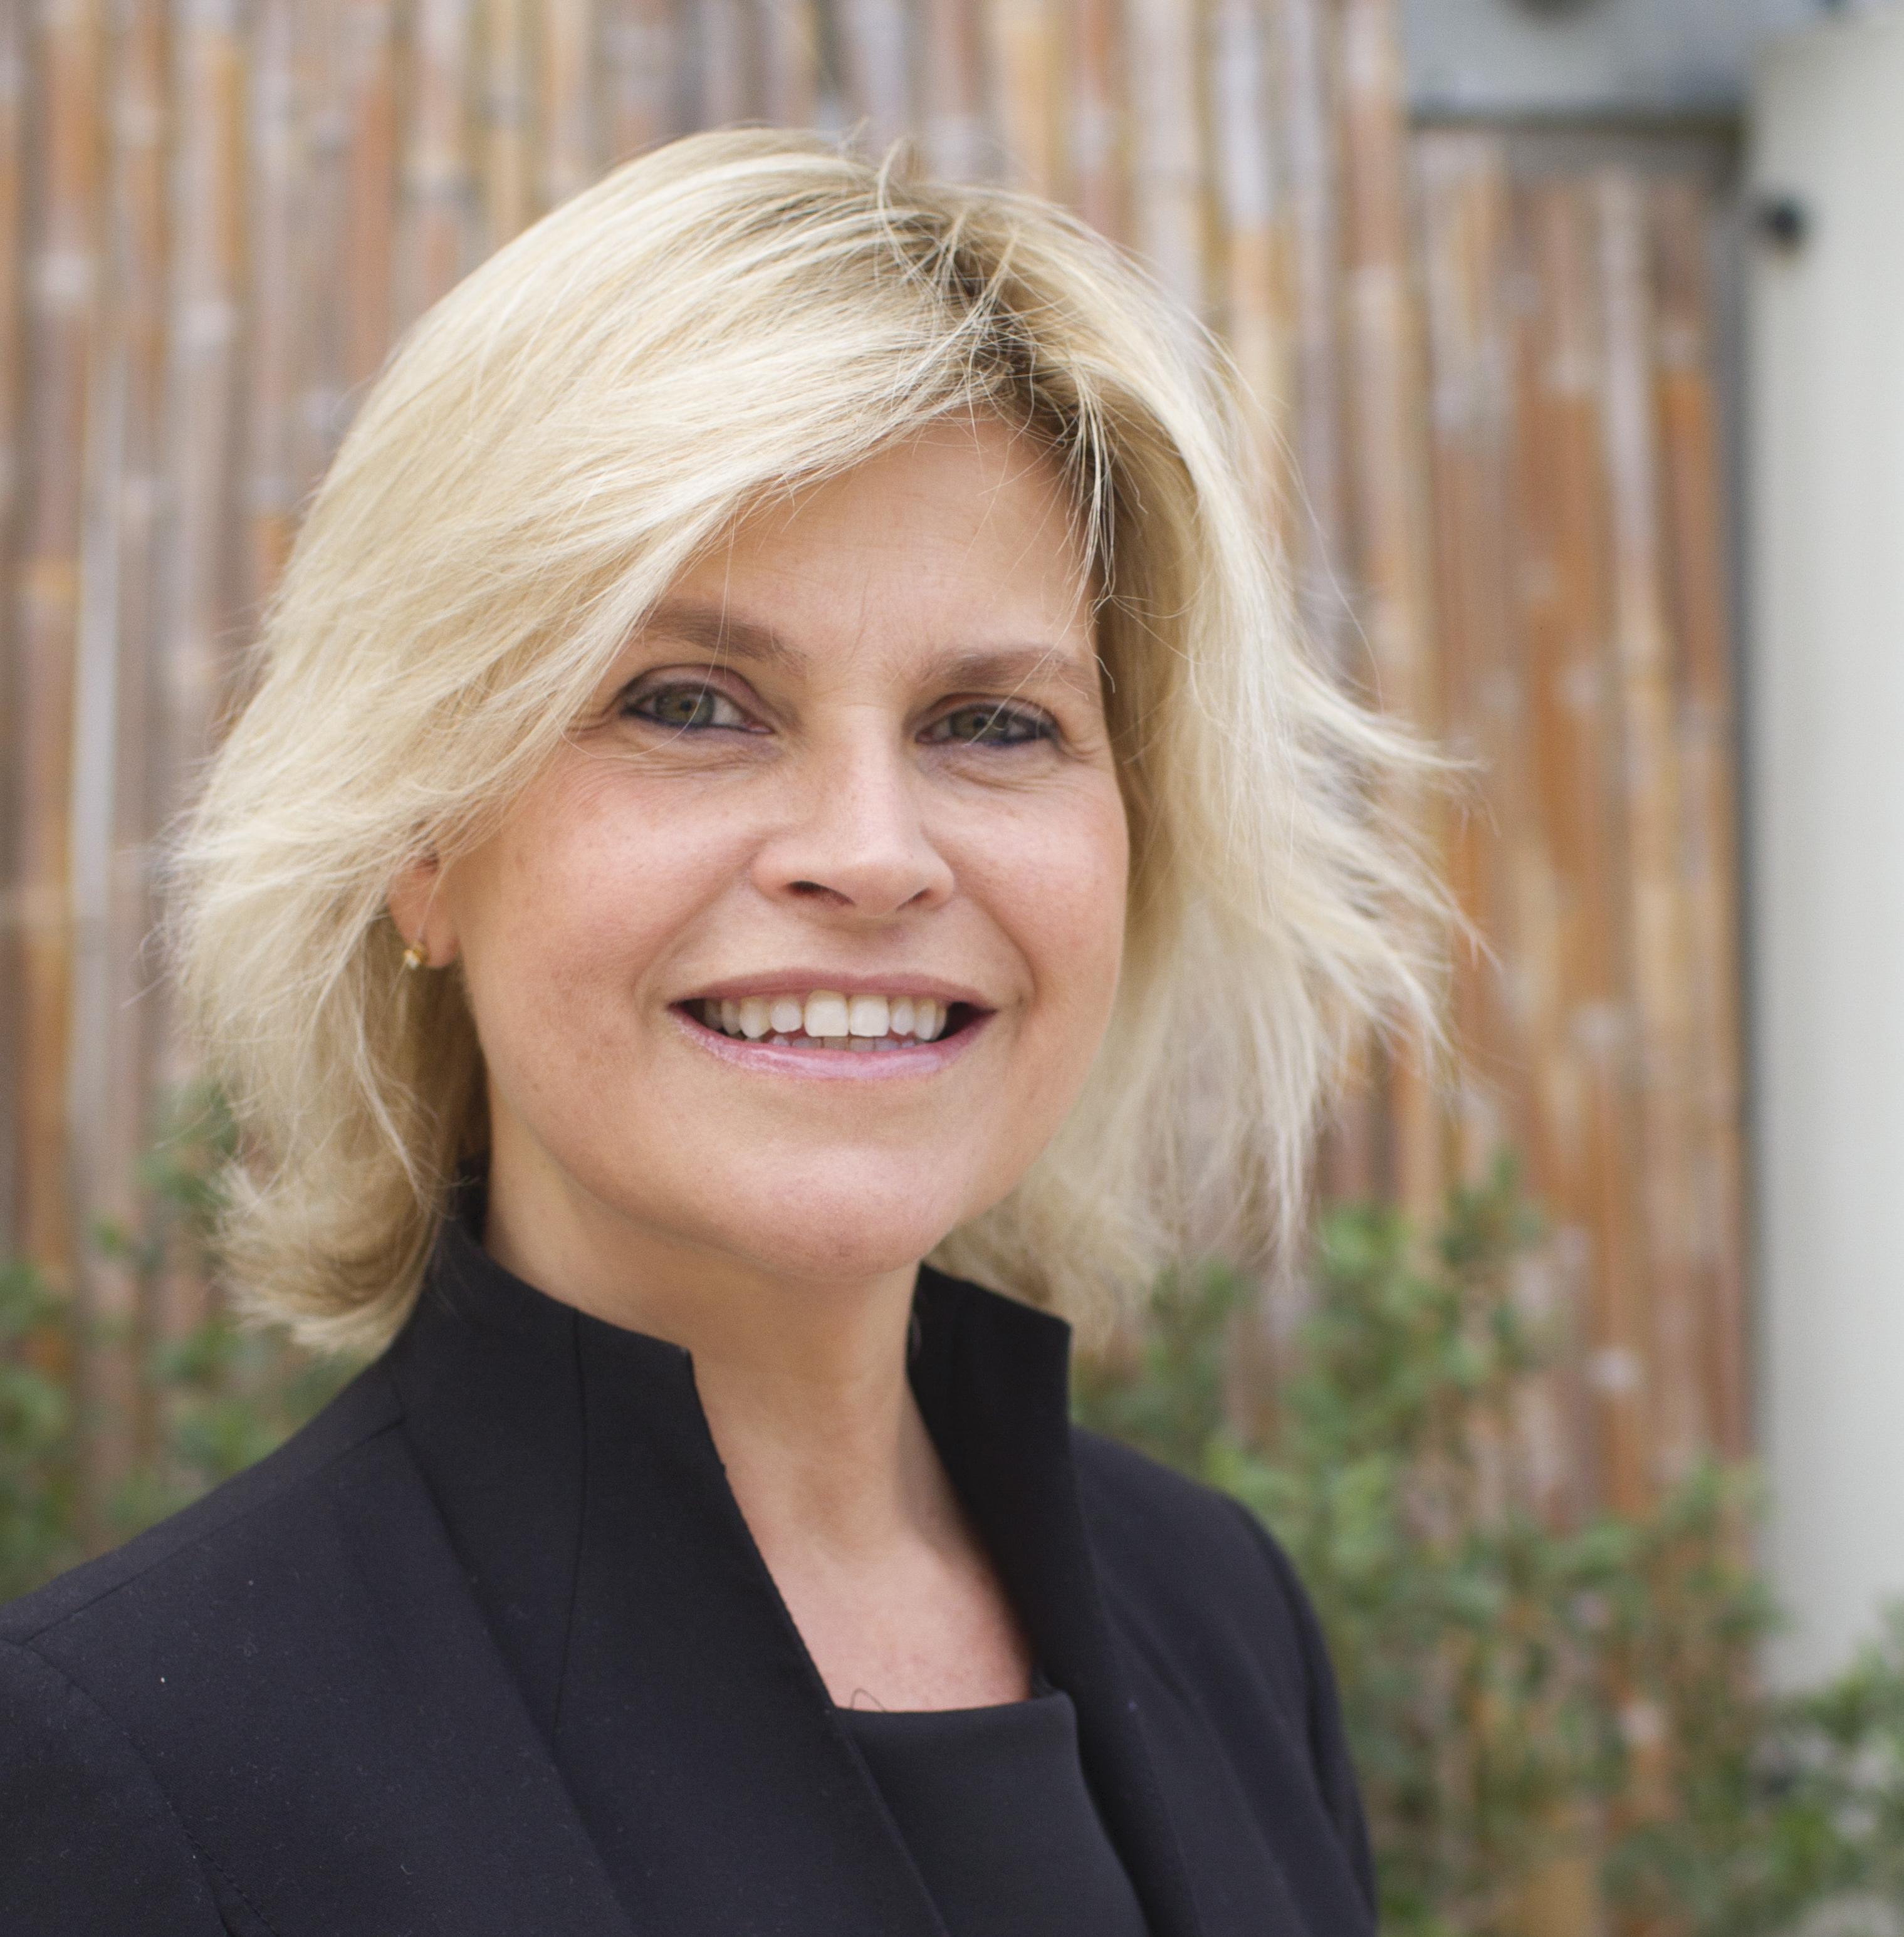 Gabriela Terminielli